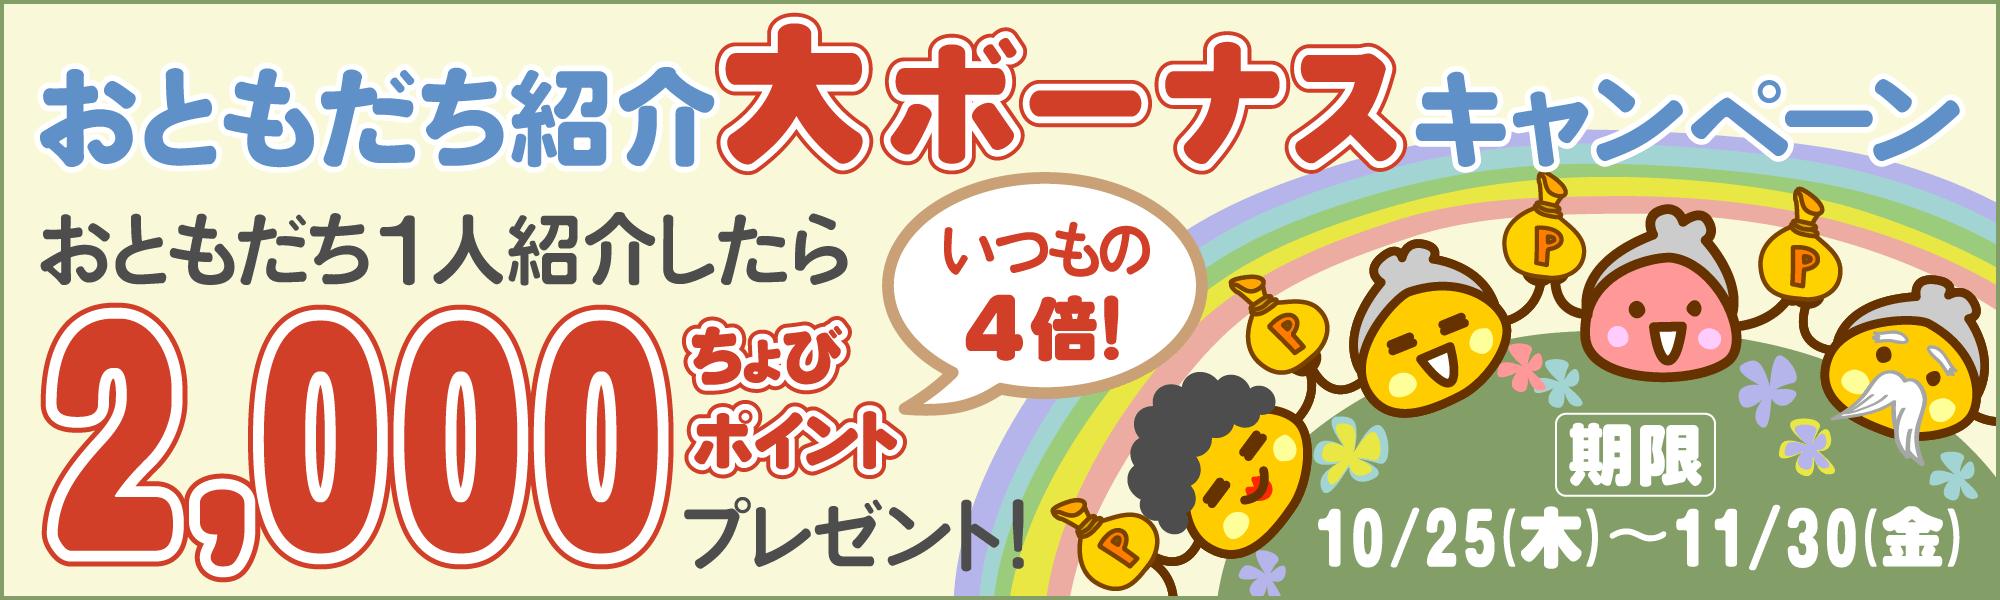 お友達紹介大キャンペーン